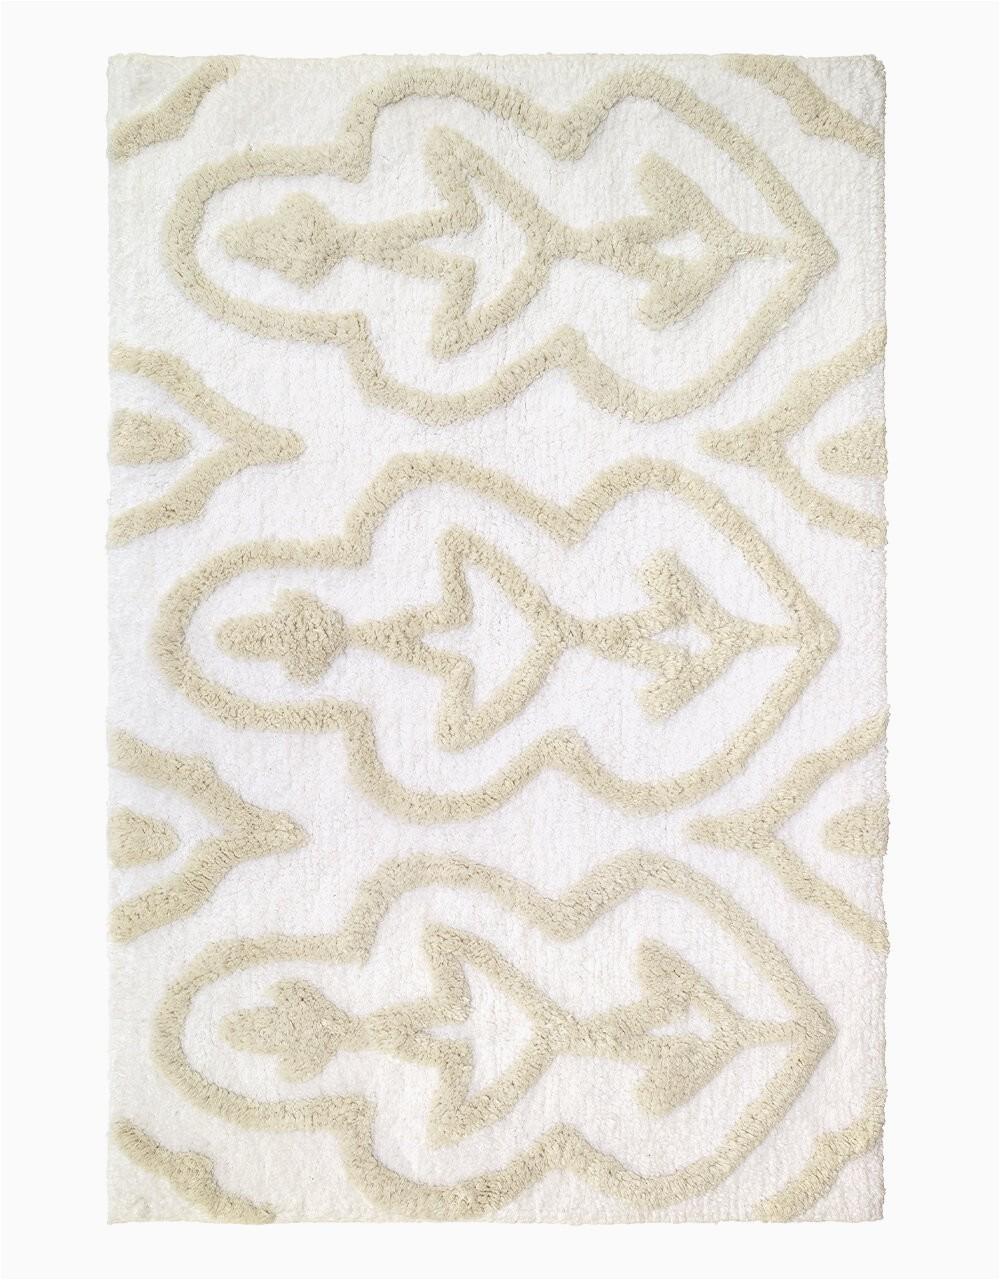 Cotton Bath Rugs Made In Usa Espy Rectangle Cotton Bath Rug